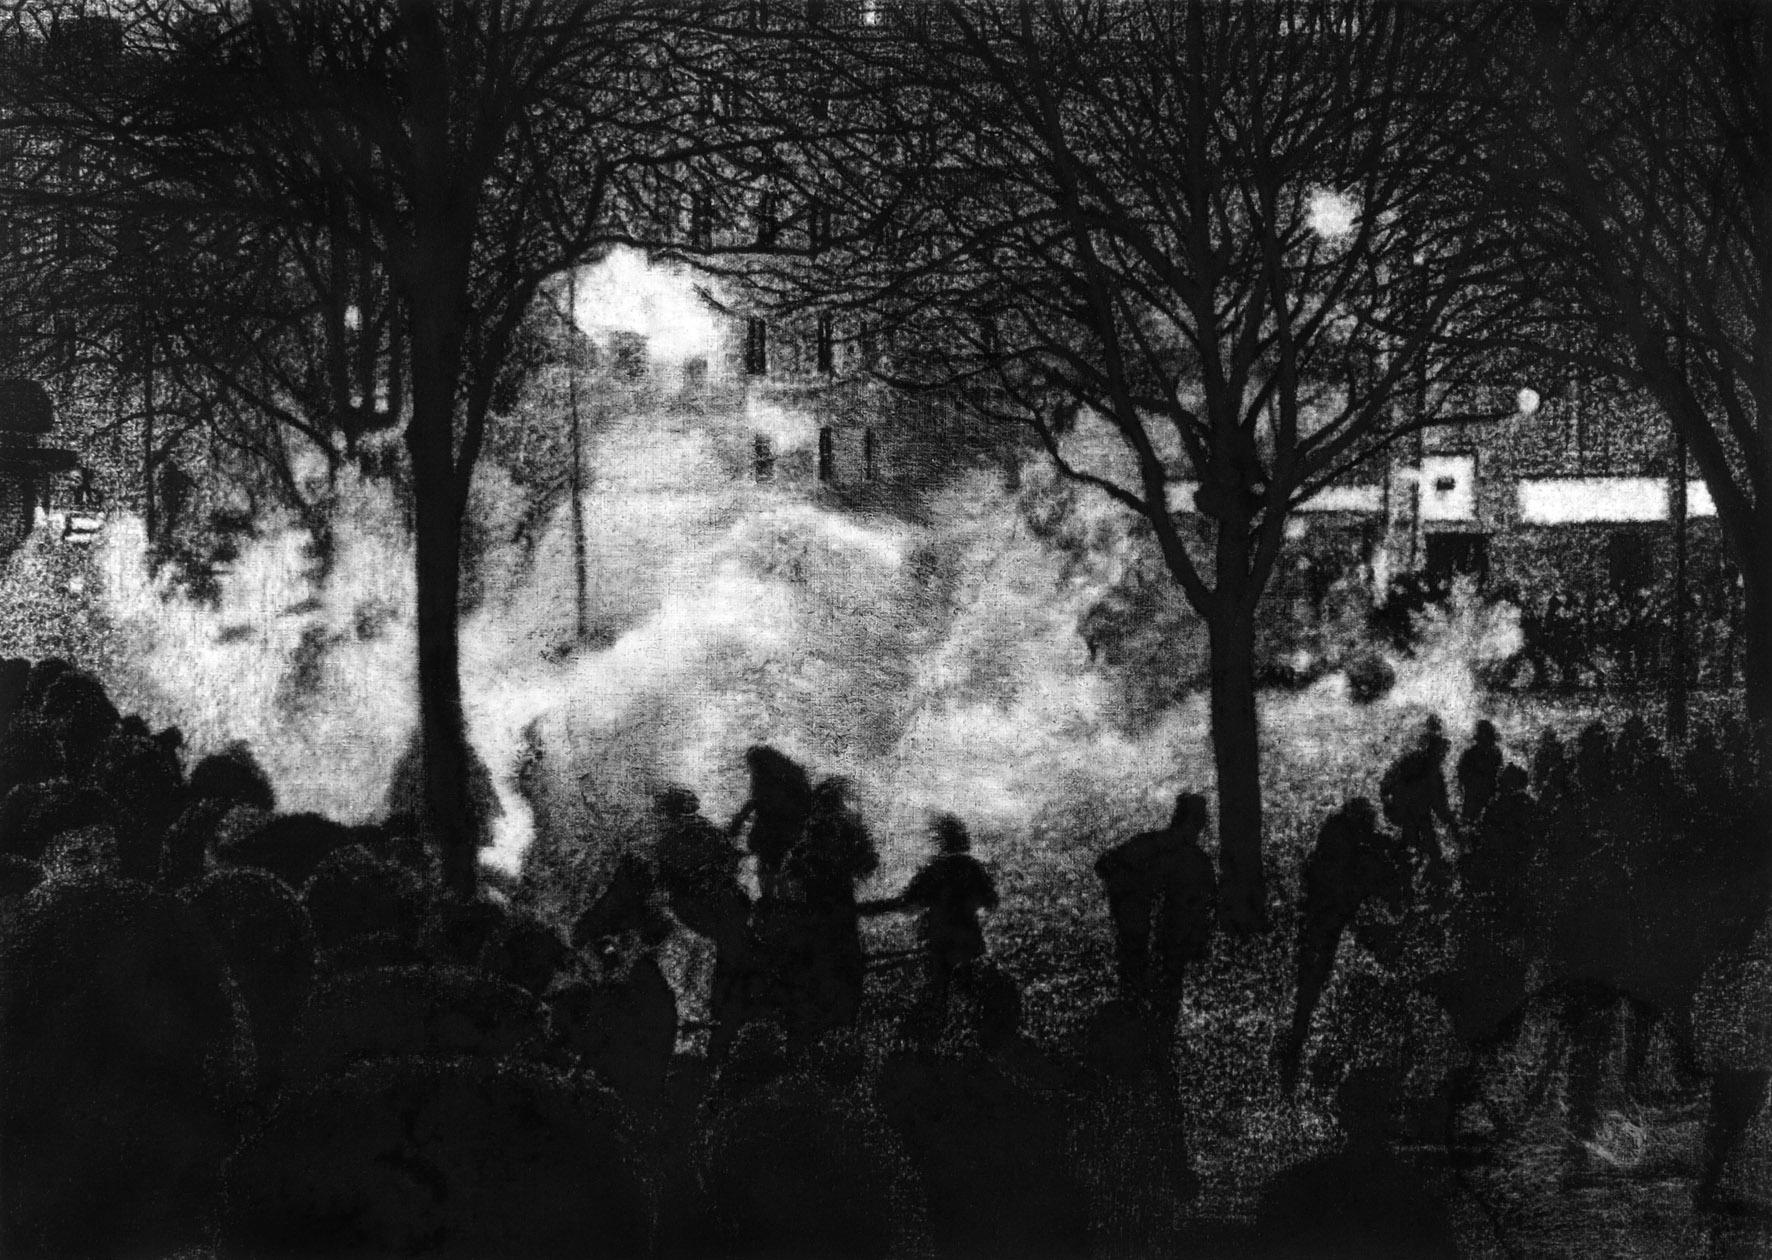 Manifestation 05, 2016. Fusain sur papier / Charcoal on paper. 54 x 76 cm